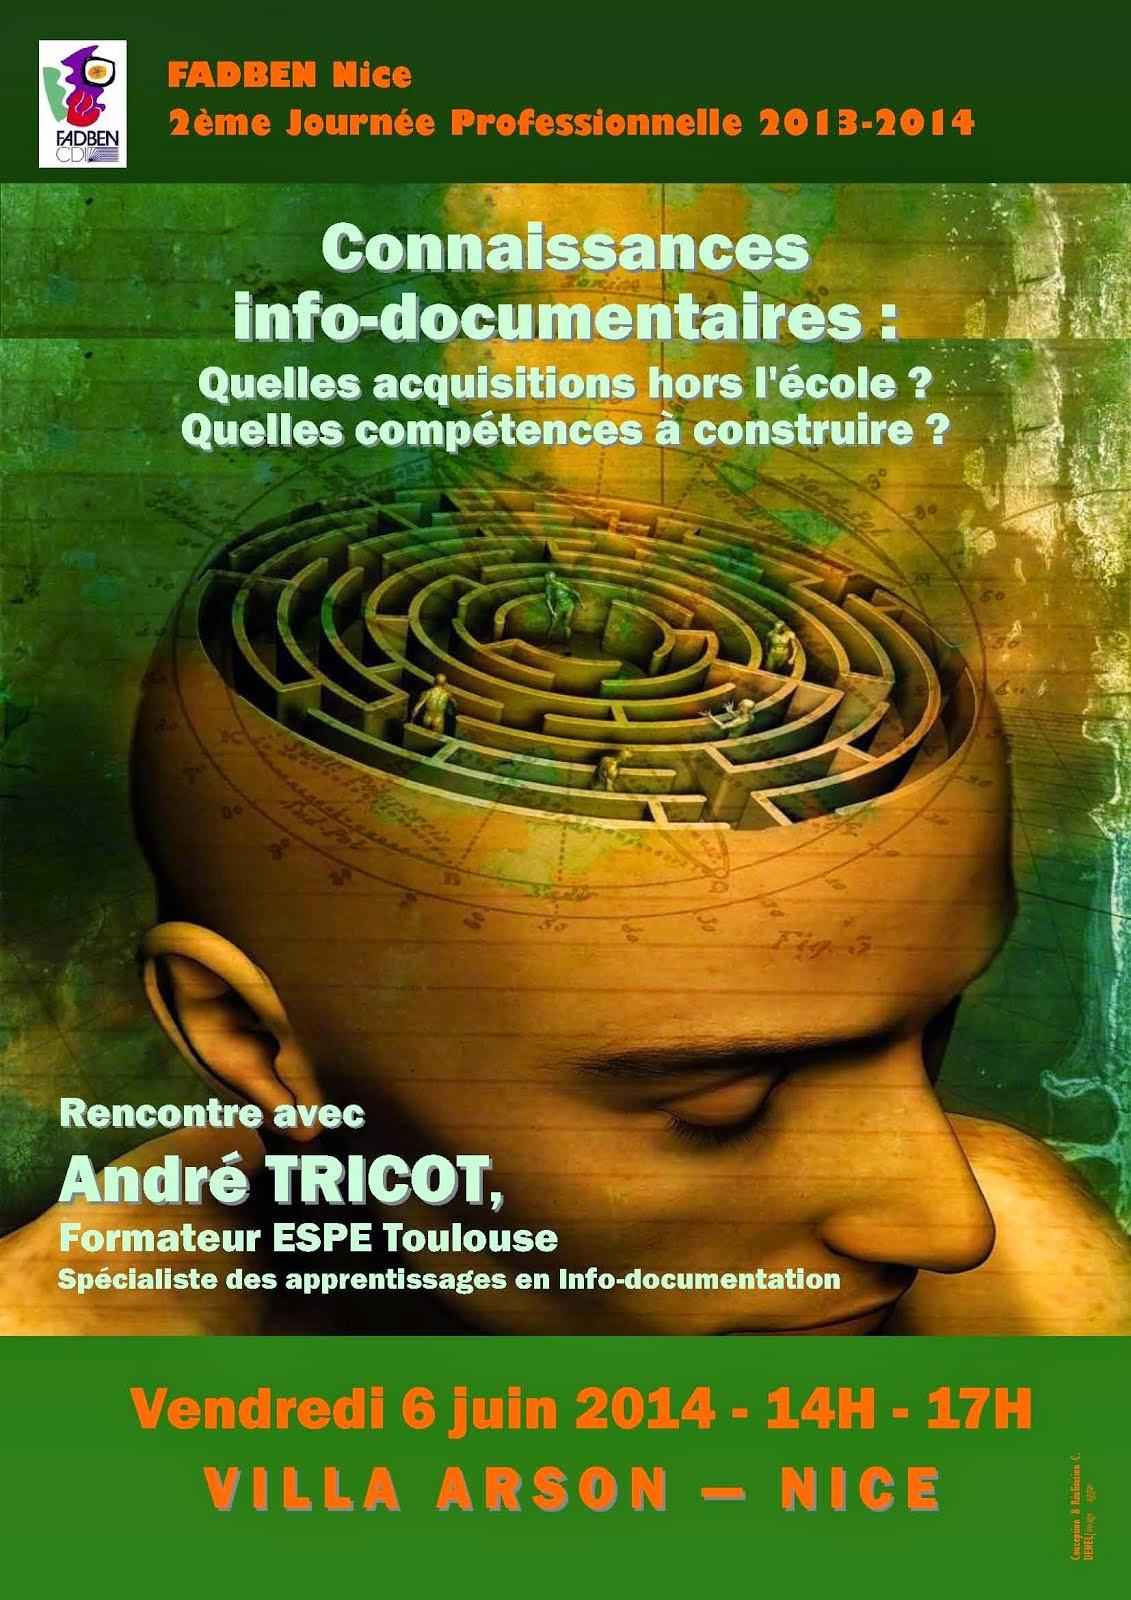 """Vendredi 6 juin 2014, Journée Professionnelle """"Psychologie cognitive"""" avec André TRICOT à NICE"""